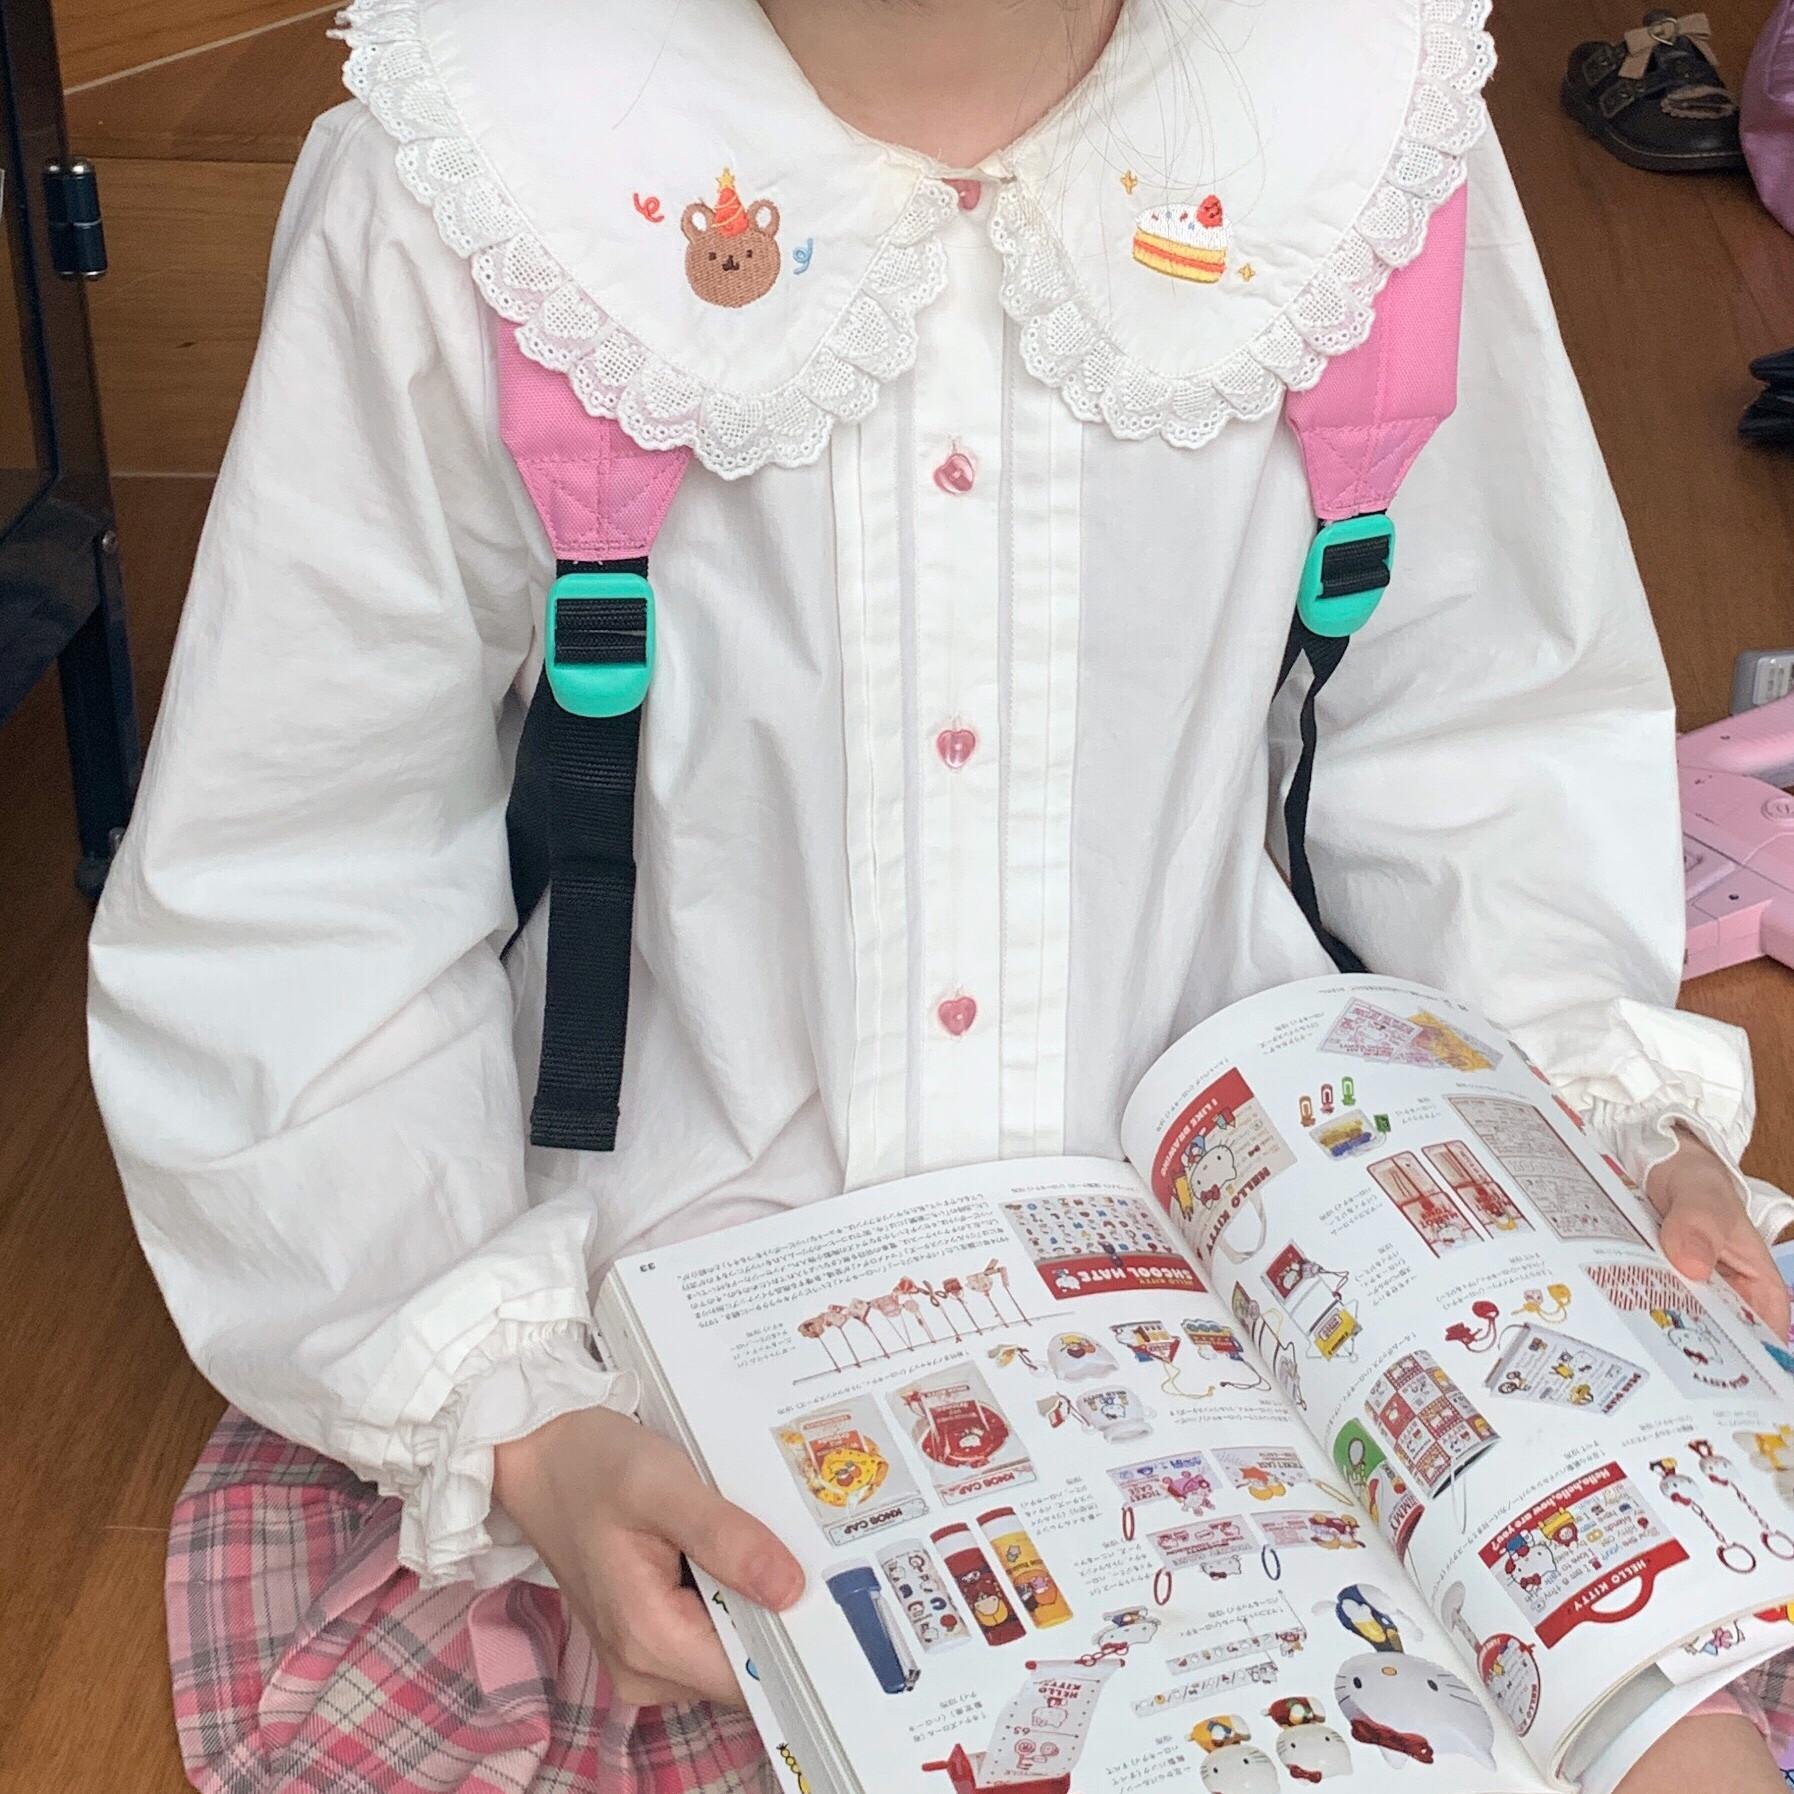 泡泡巴士popbus 原创蛋糕小熊刺绣娃娃领日系软妹宽松长袖衬衫女